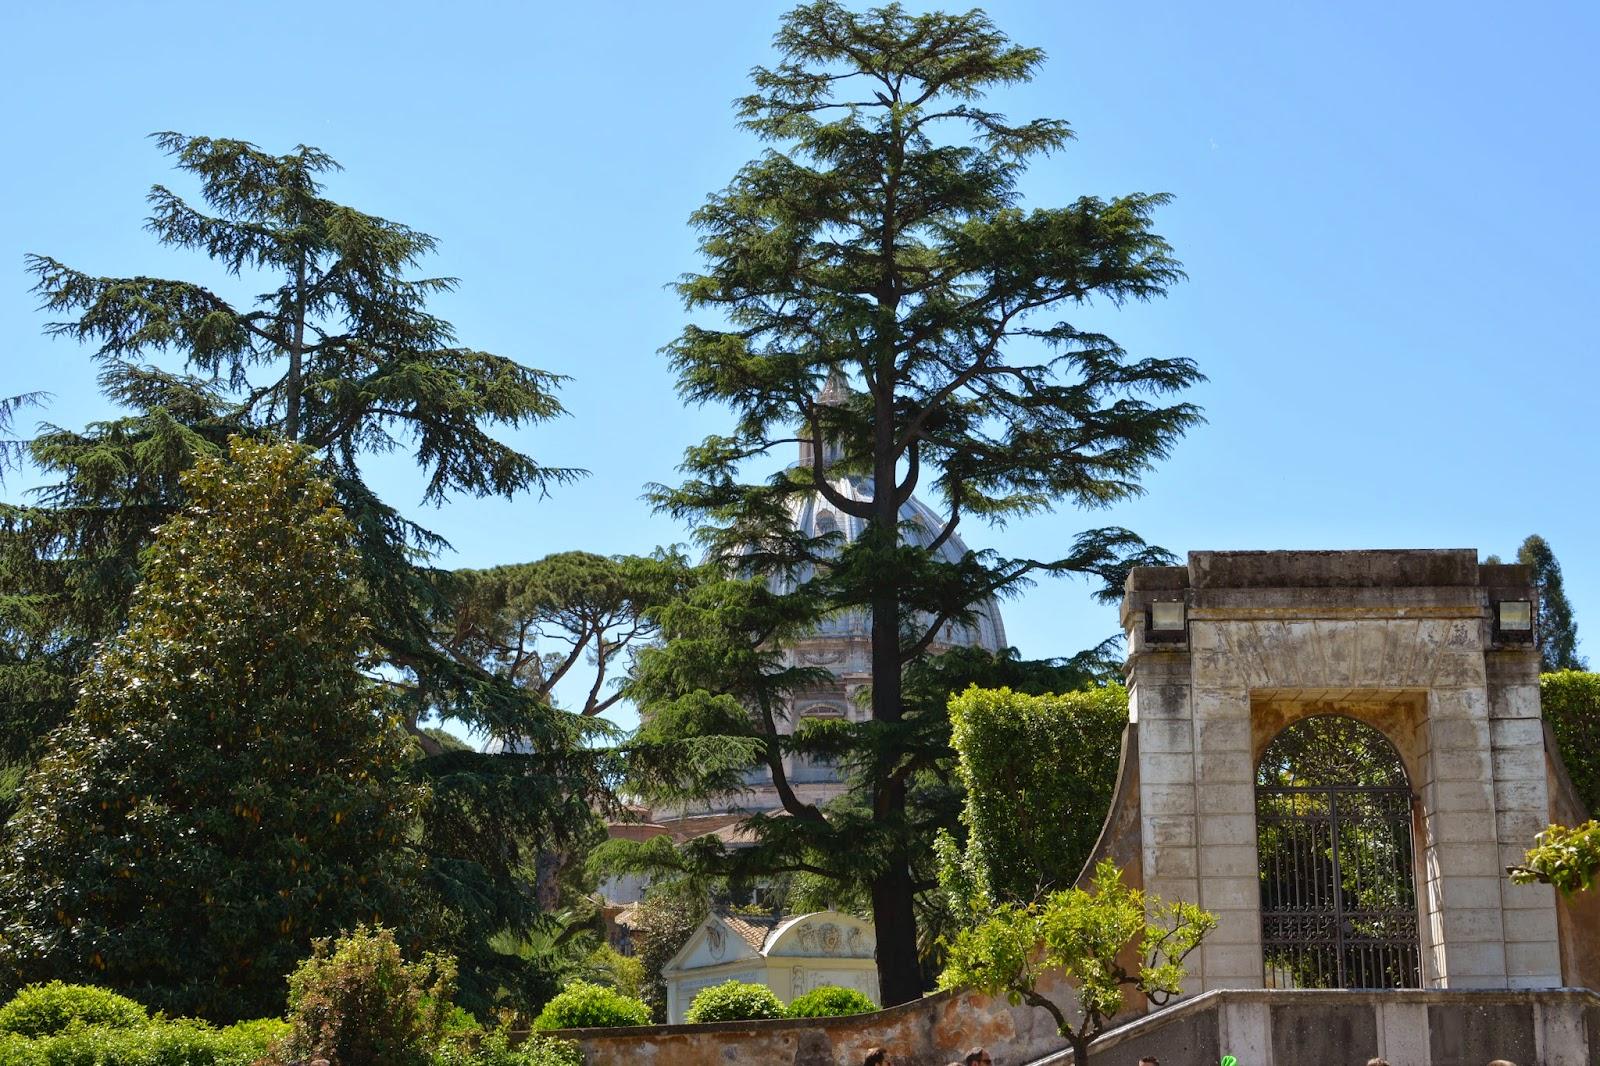 St Peter's Basilica from Vatican Museum garden